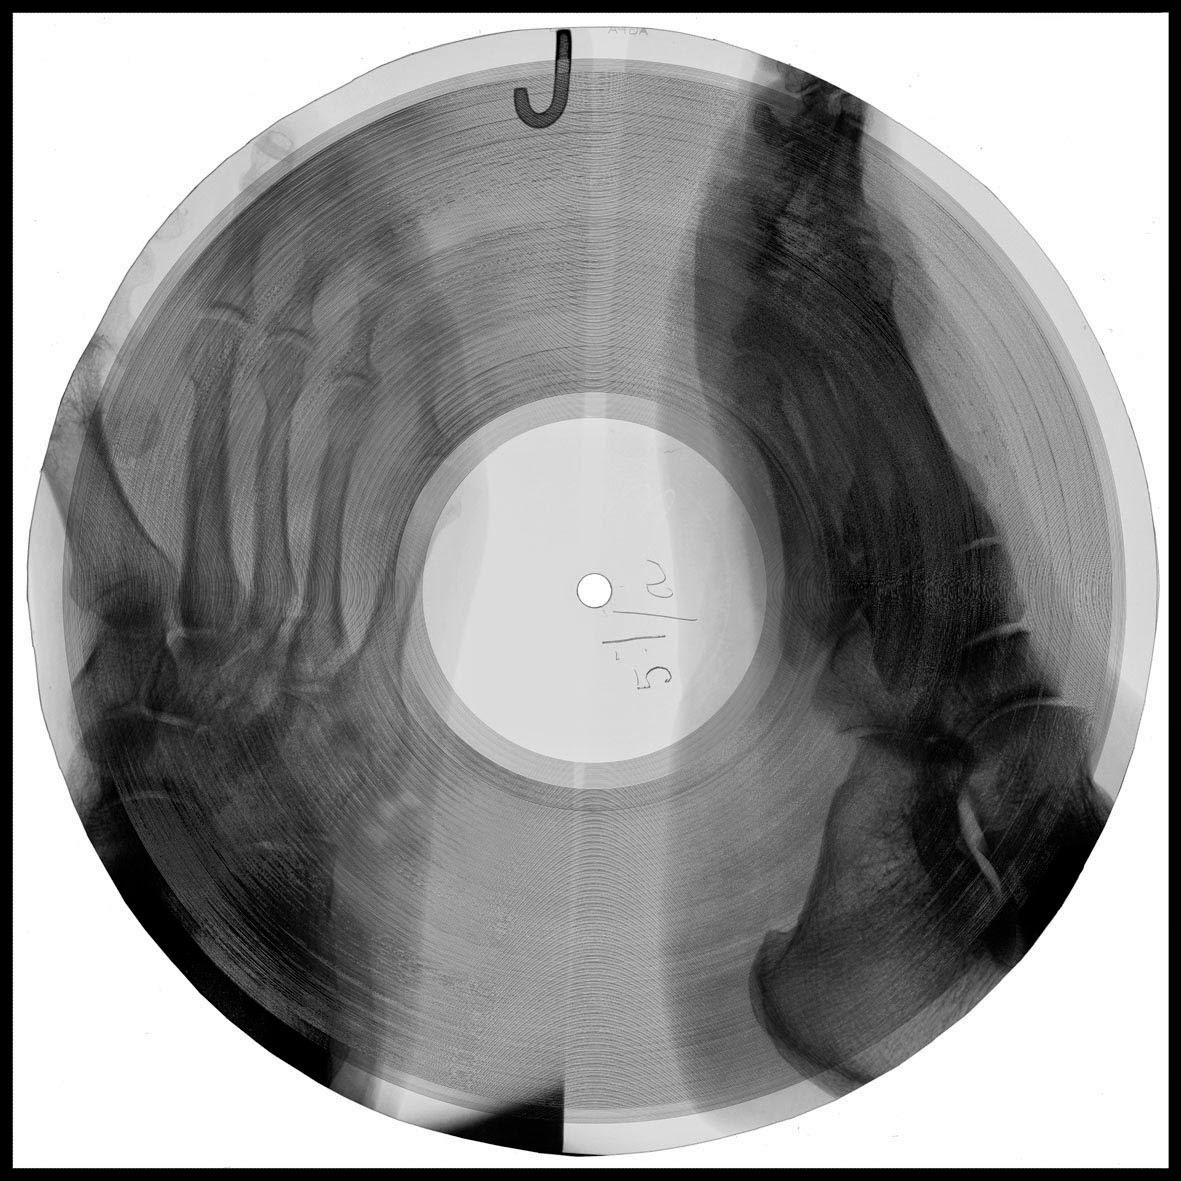 [Imagen: radiografias_vinilos_5-1.jpg]